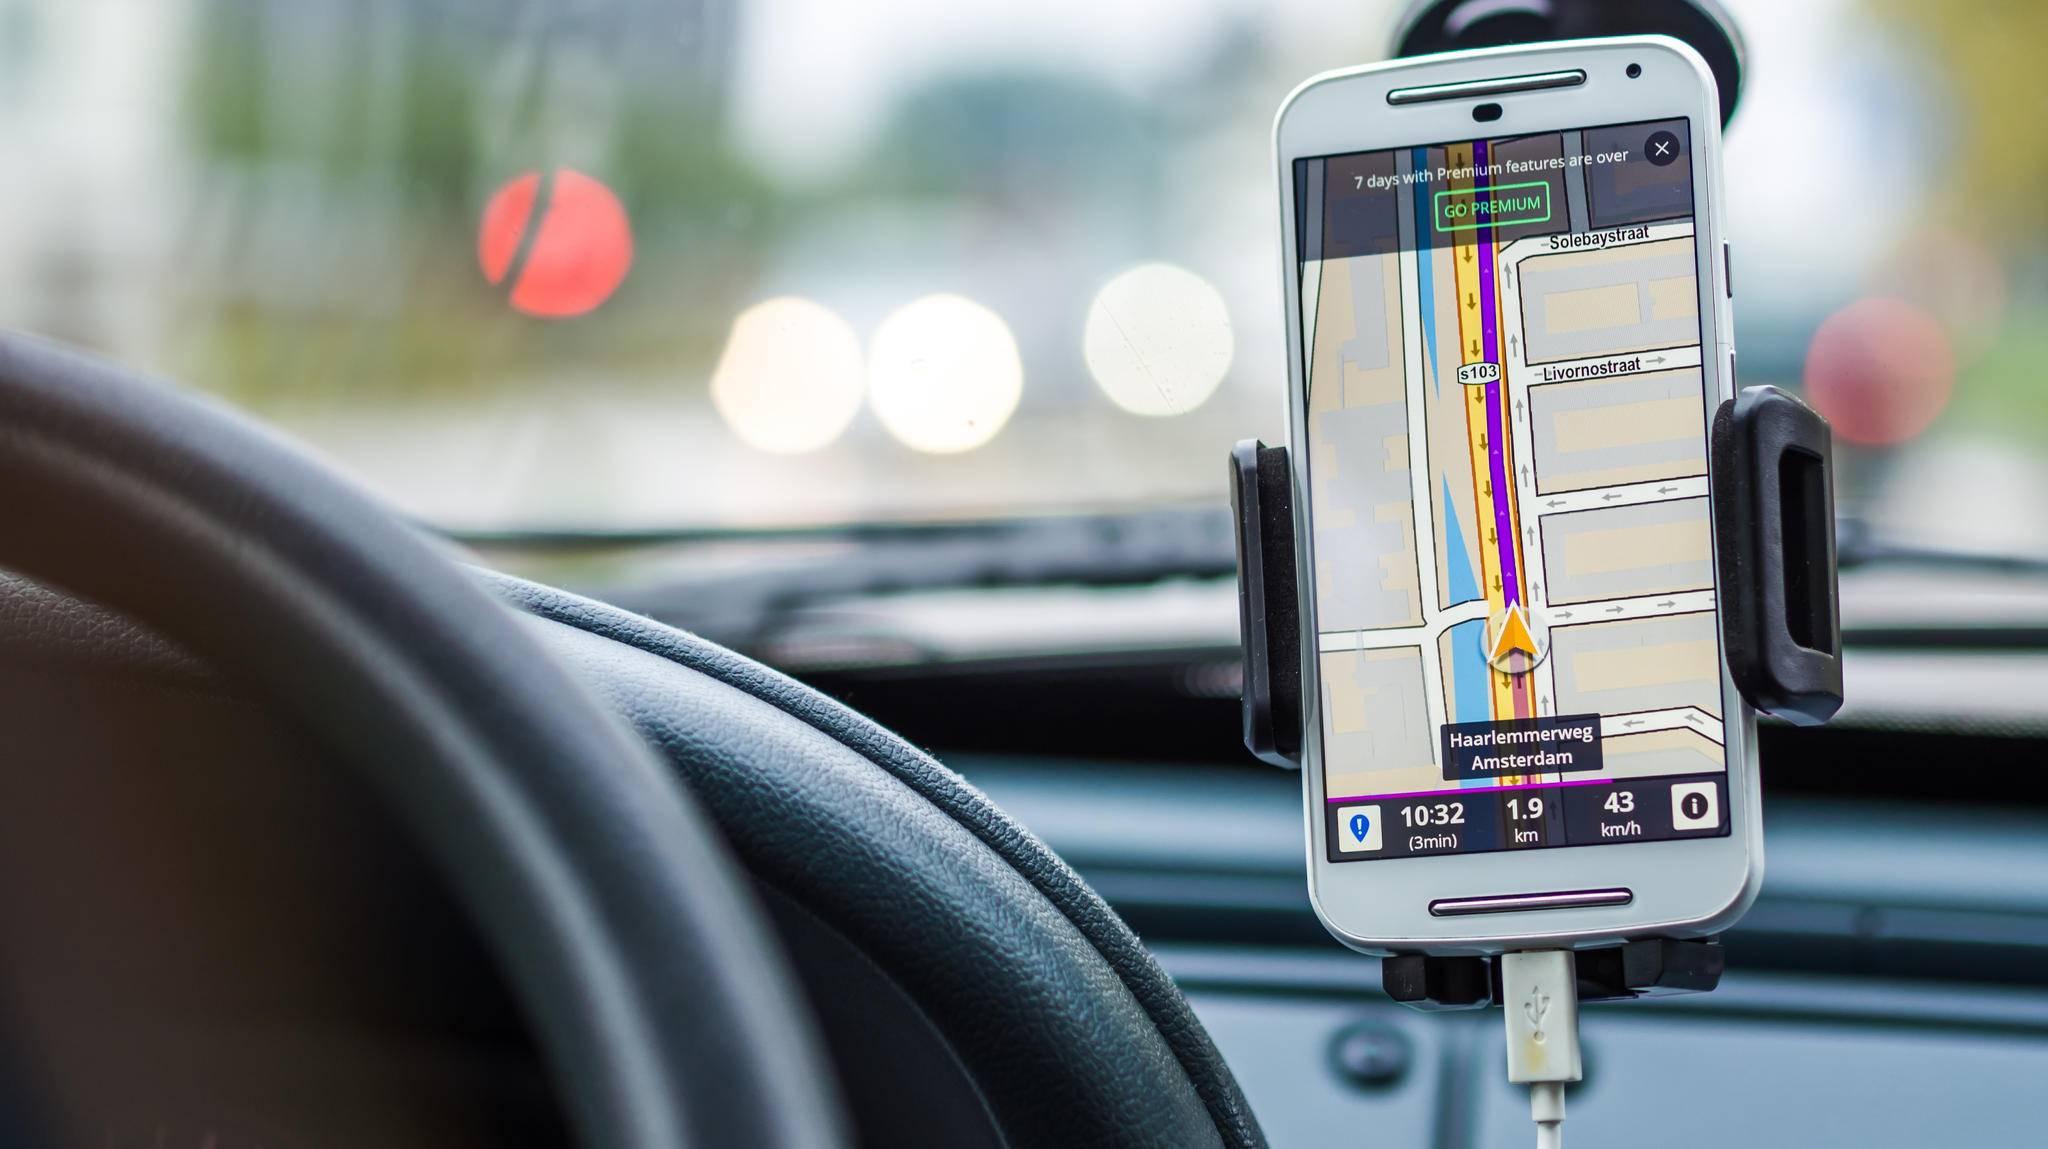 Damit dem Smartphone unterwegs nicht der Saft ausgeht, versorgst Du es im Auto am besten mit Strom aus dem Zigarettenanzünder.